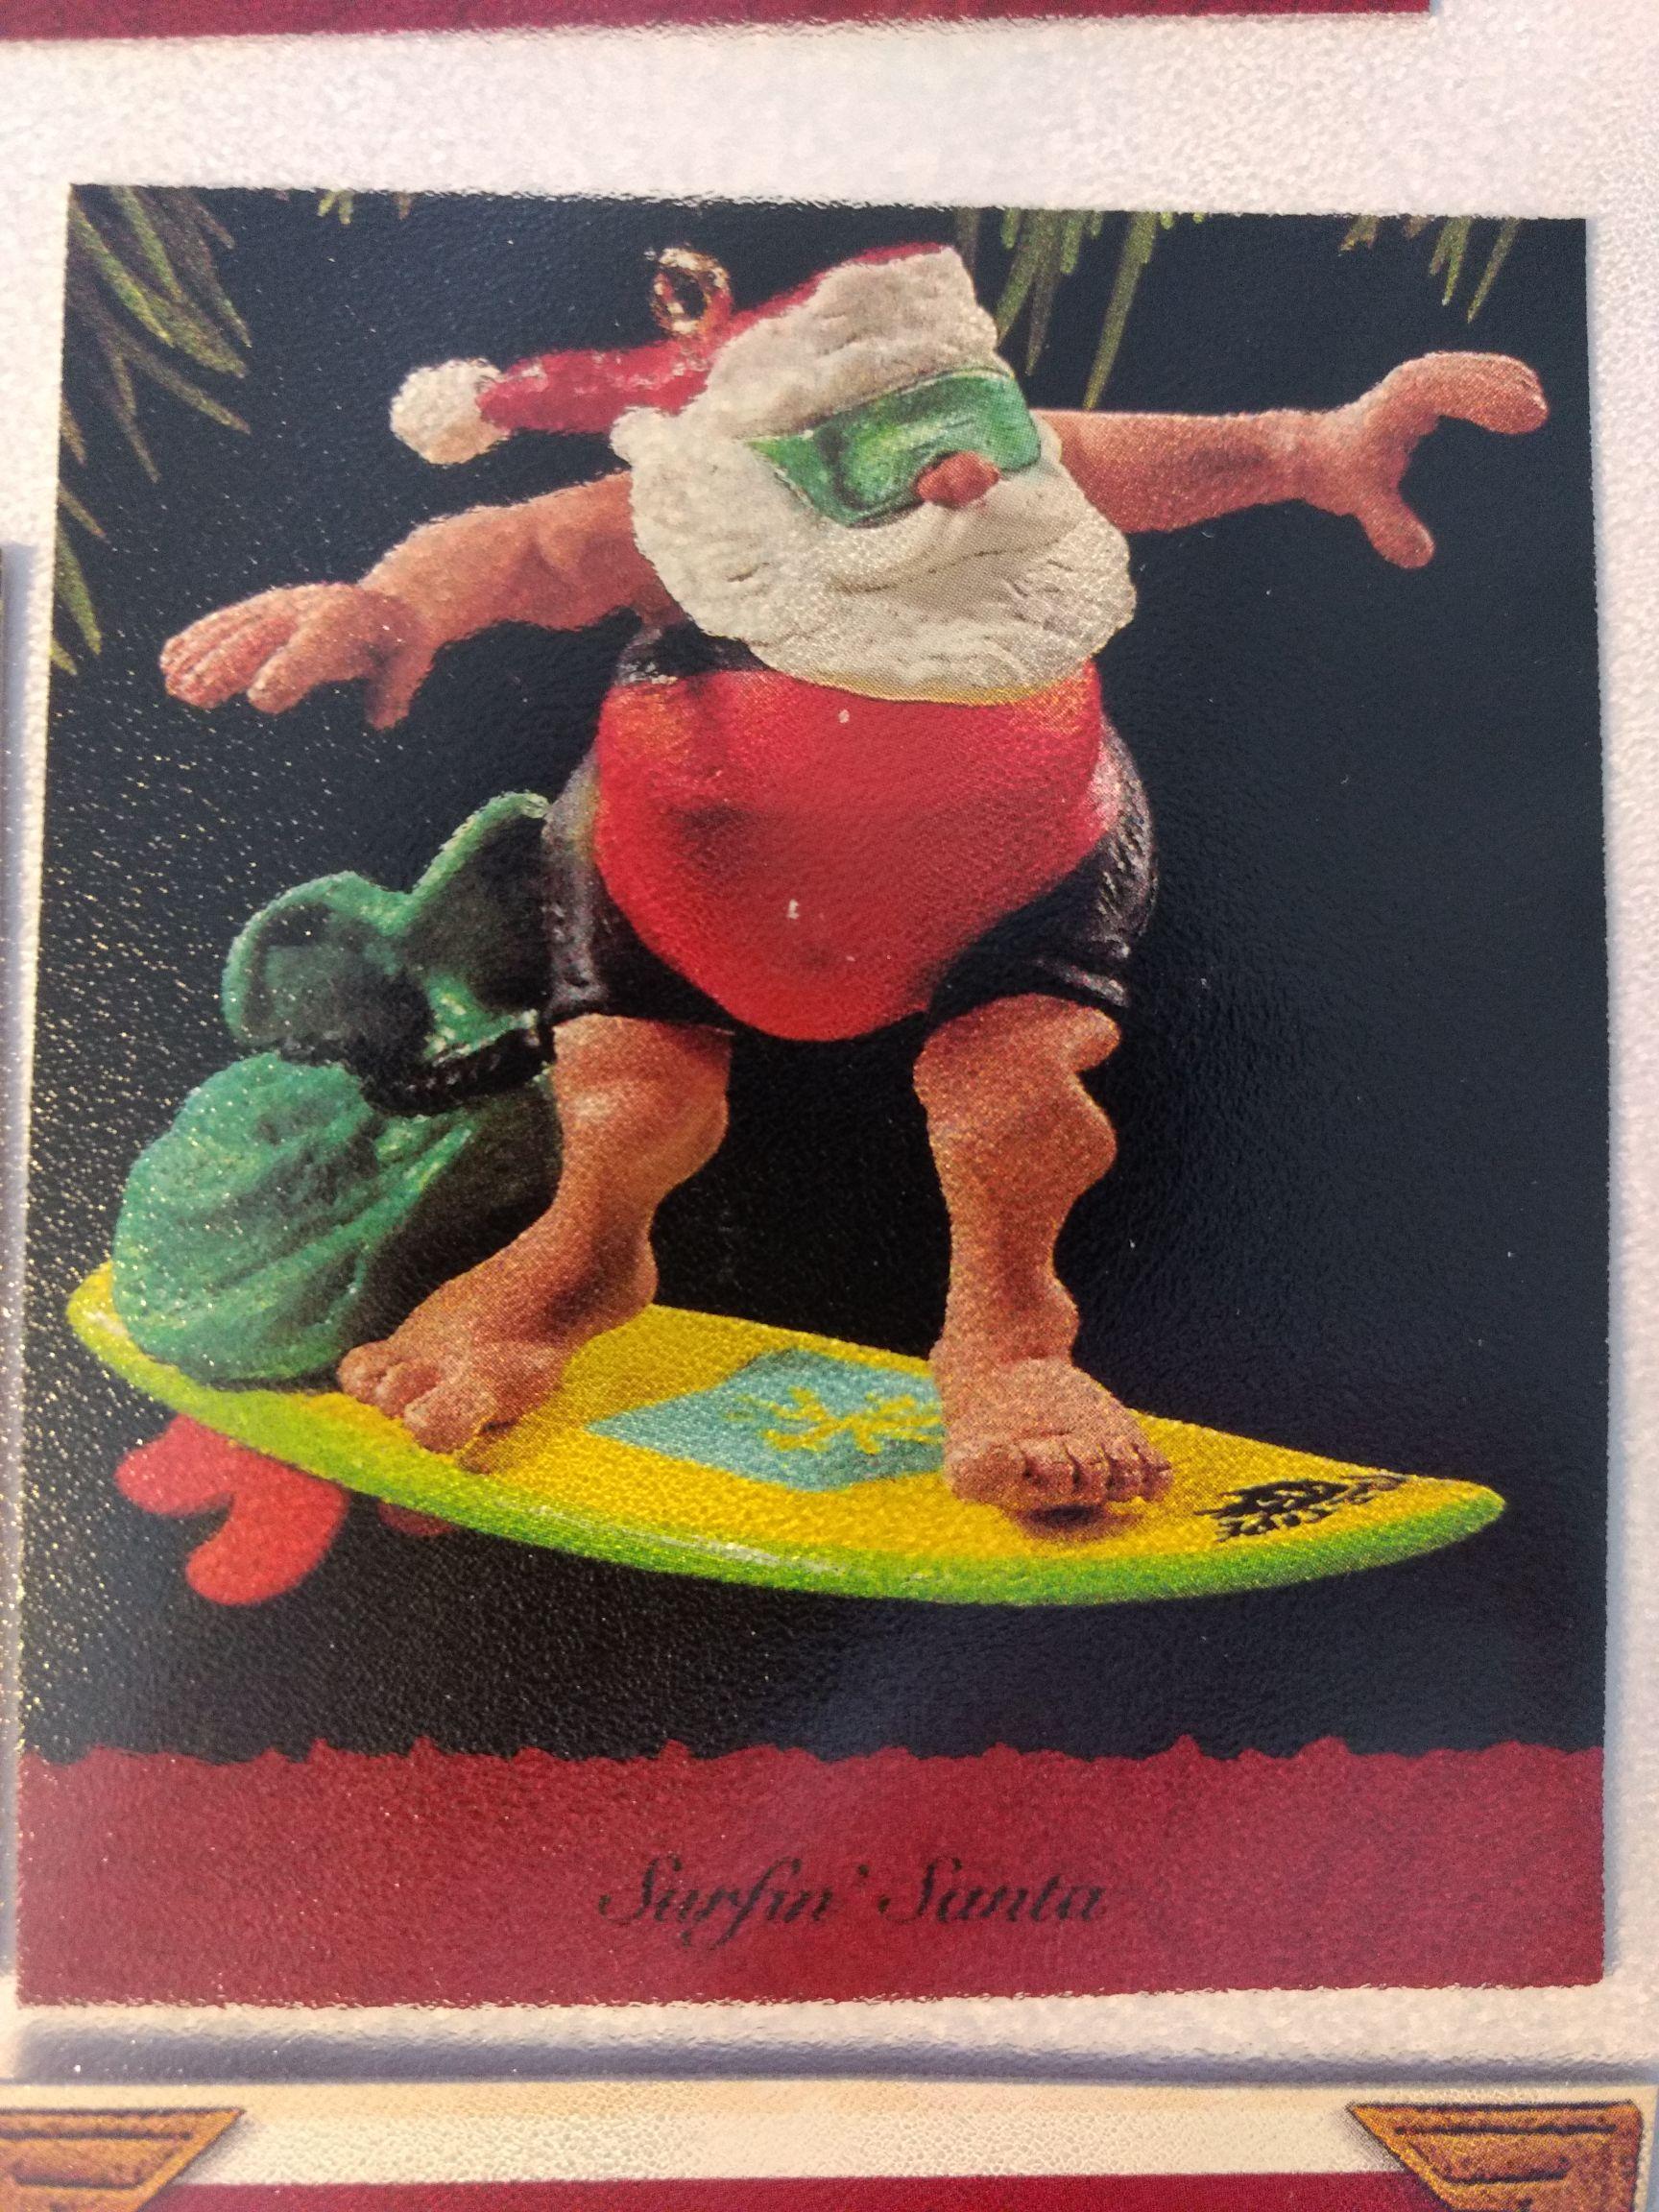 Santa - Surfin' Santa Ornament - Hallmark front image (front cover)